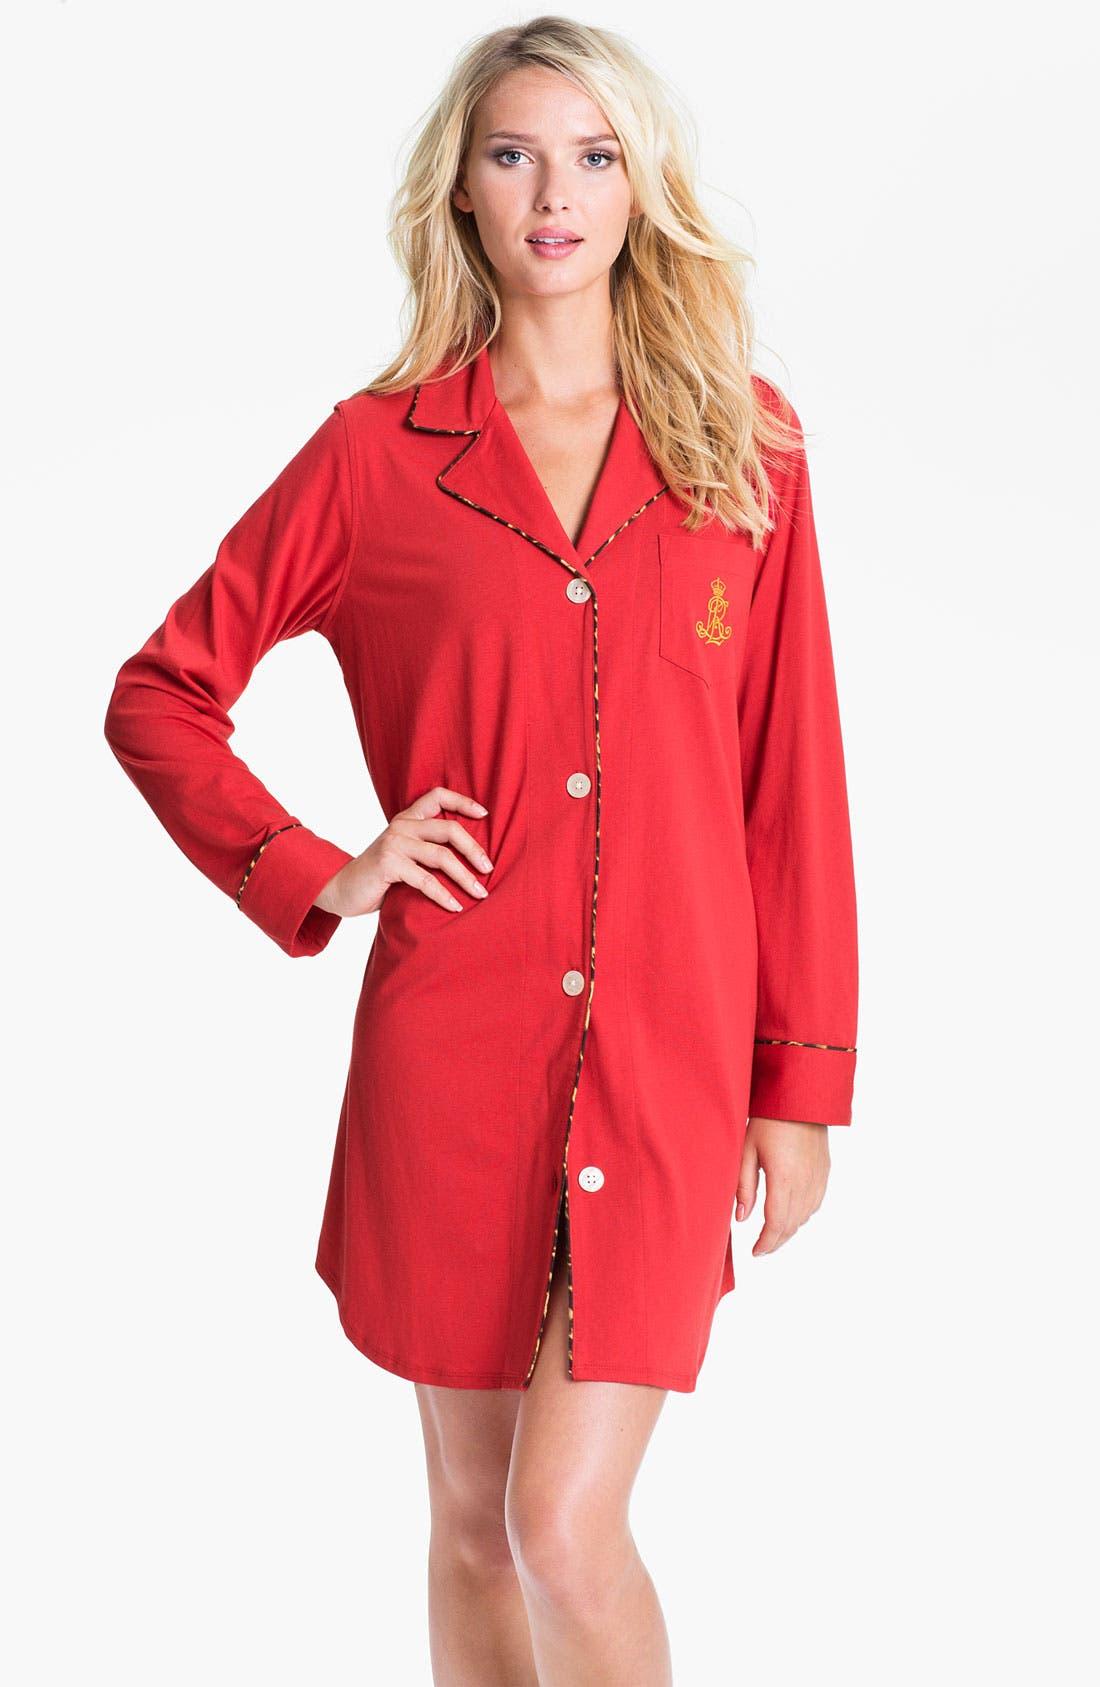 Alternate Image 1 Selected - Lauren Ralph Lauren Sleepwear Knit Nightshirt